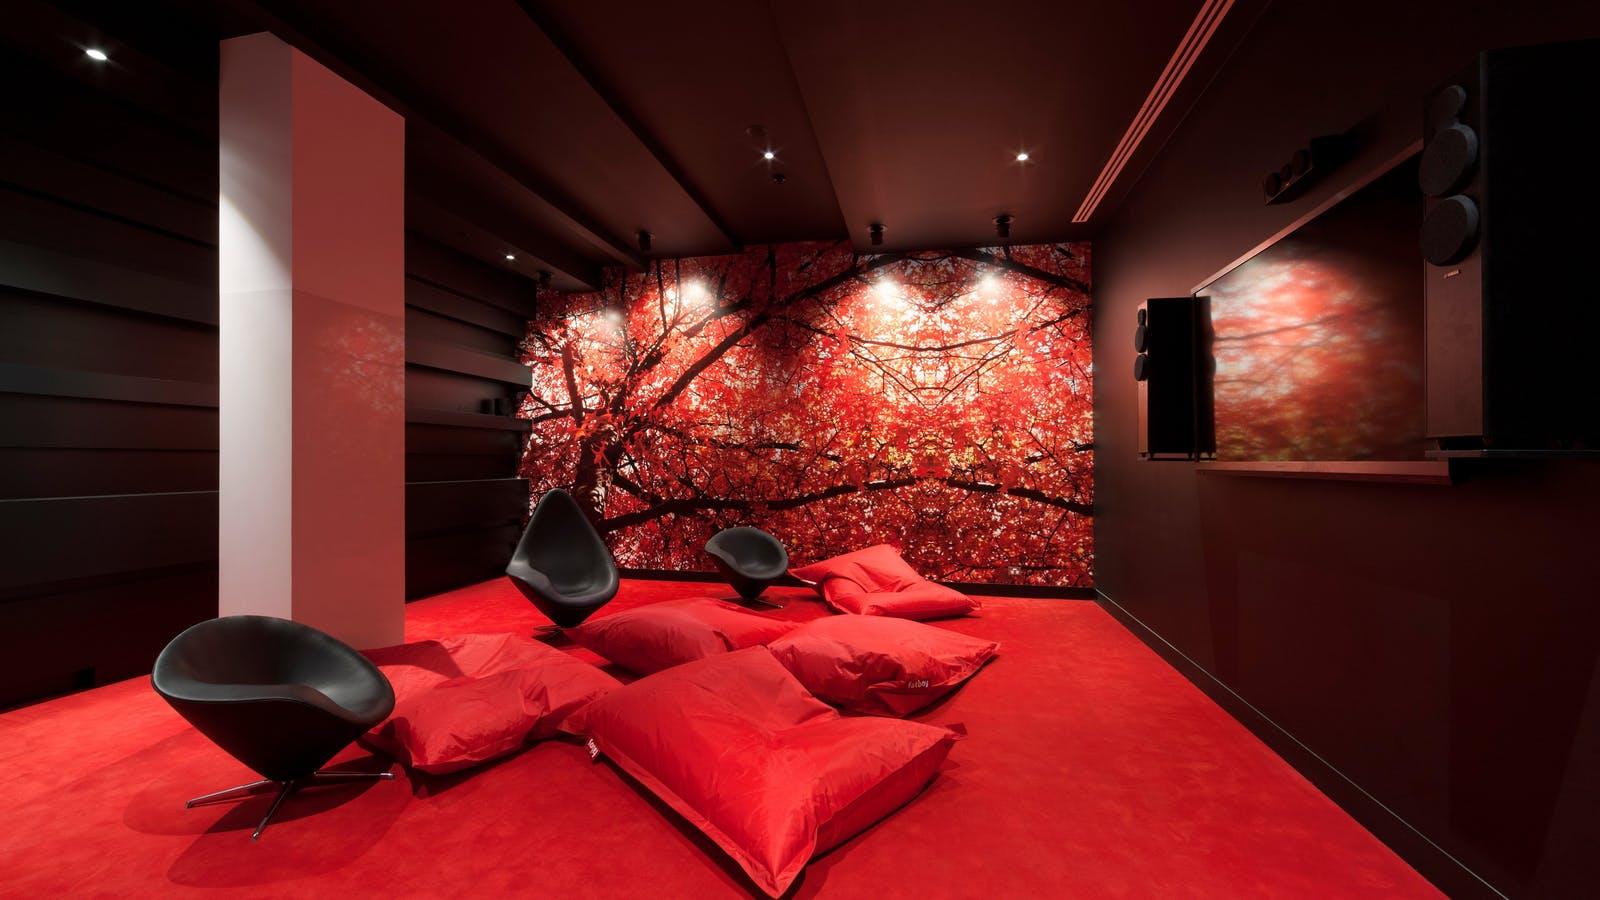 Sebel Melbourne Docklands Cinema Room